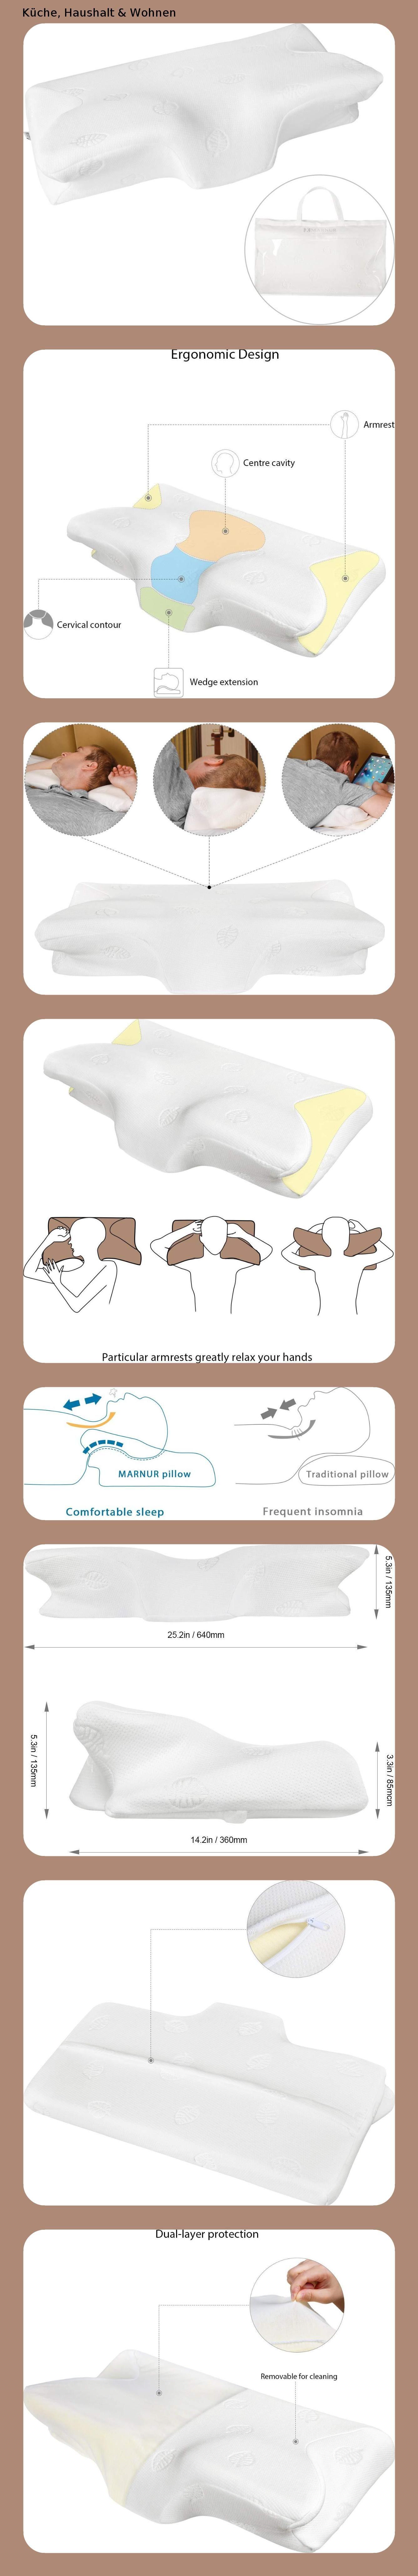 Marnur Orthopädisches Kissen Nackenstützkissen Ergonomisches Kopfkissen Memory Schaum Kissen Memo Nackenstützkissen Kissen Memory Foam